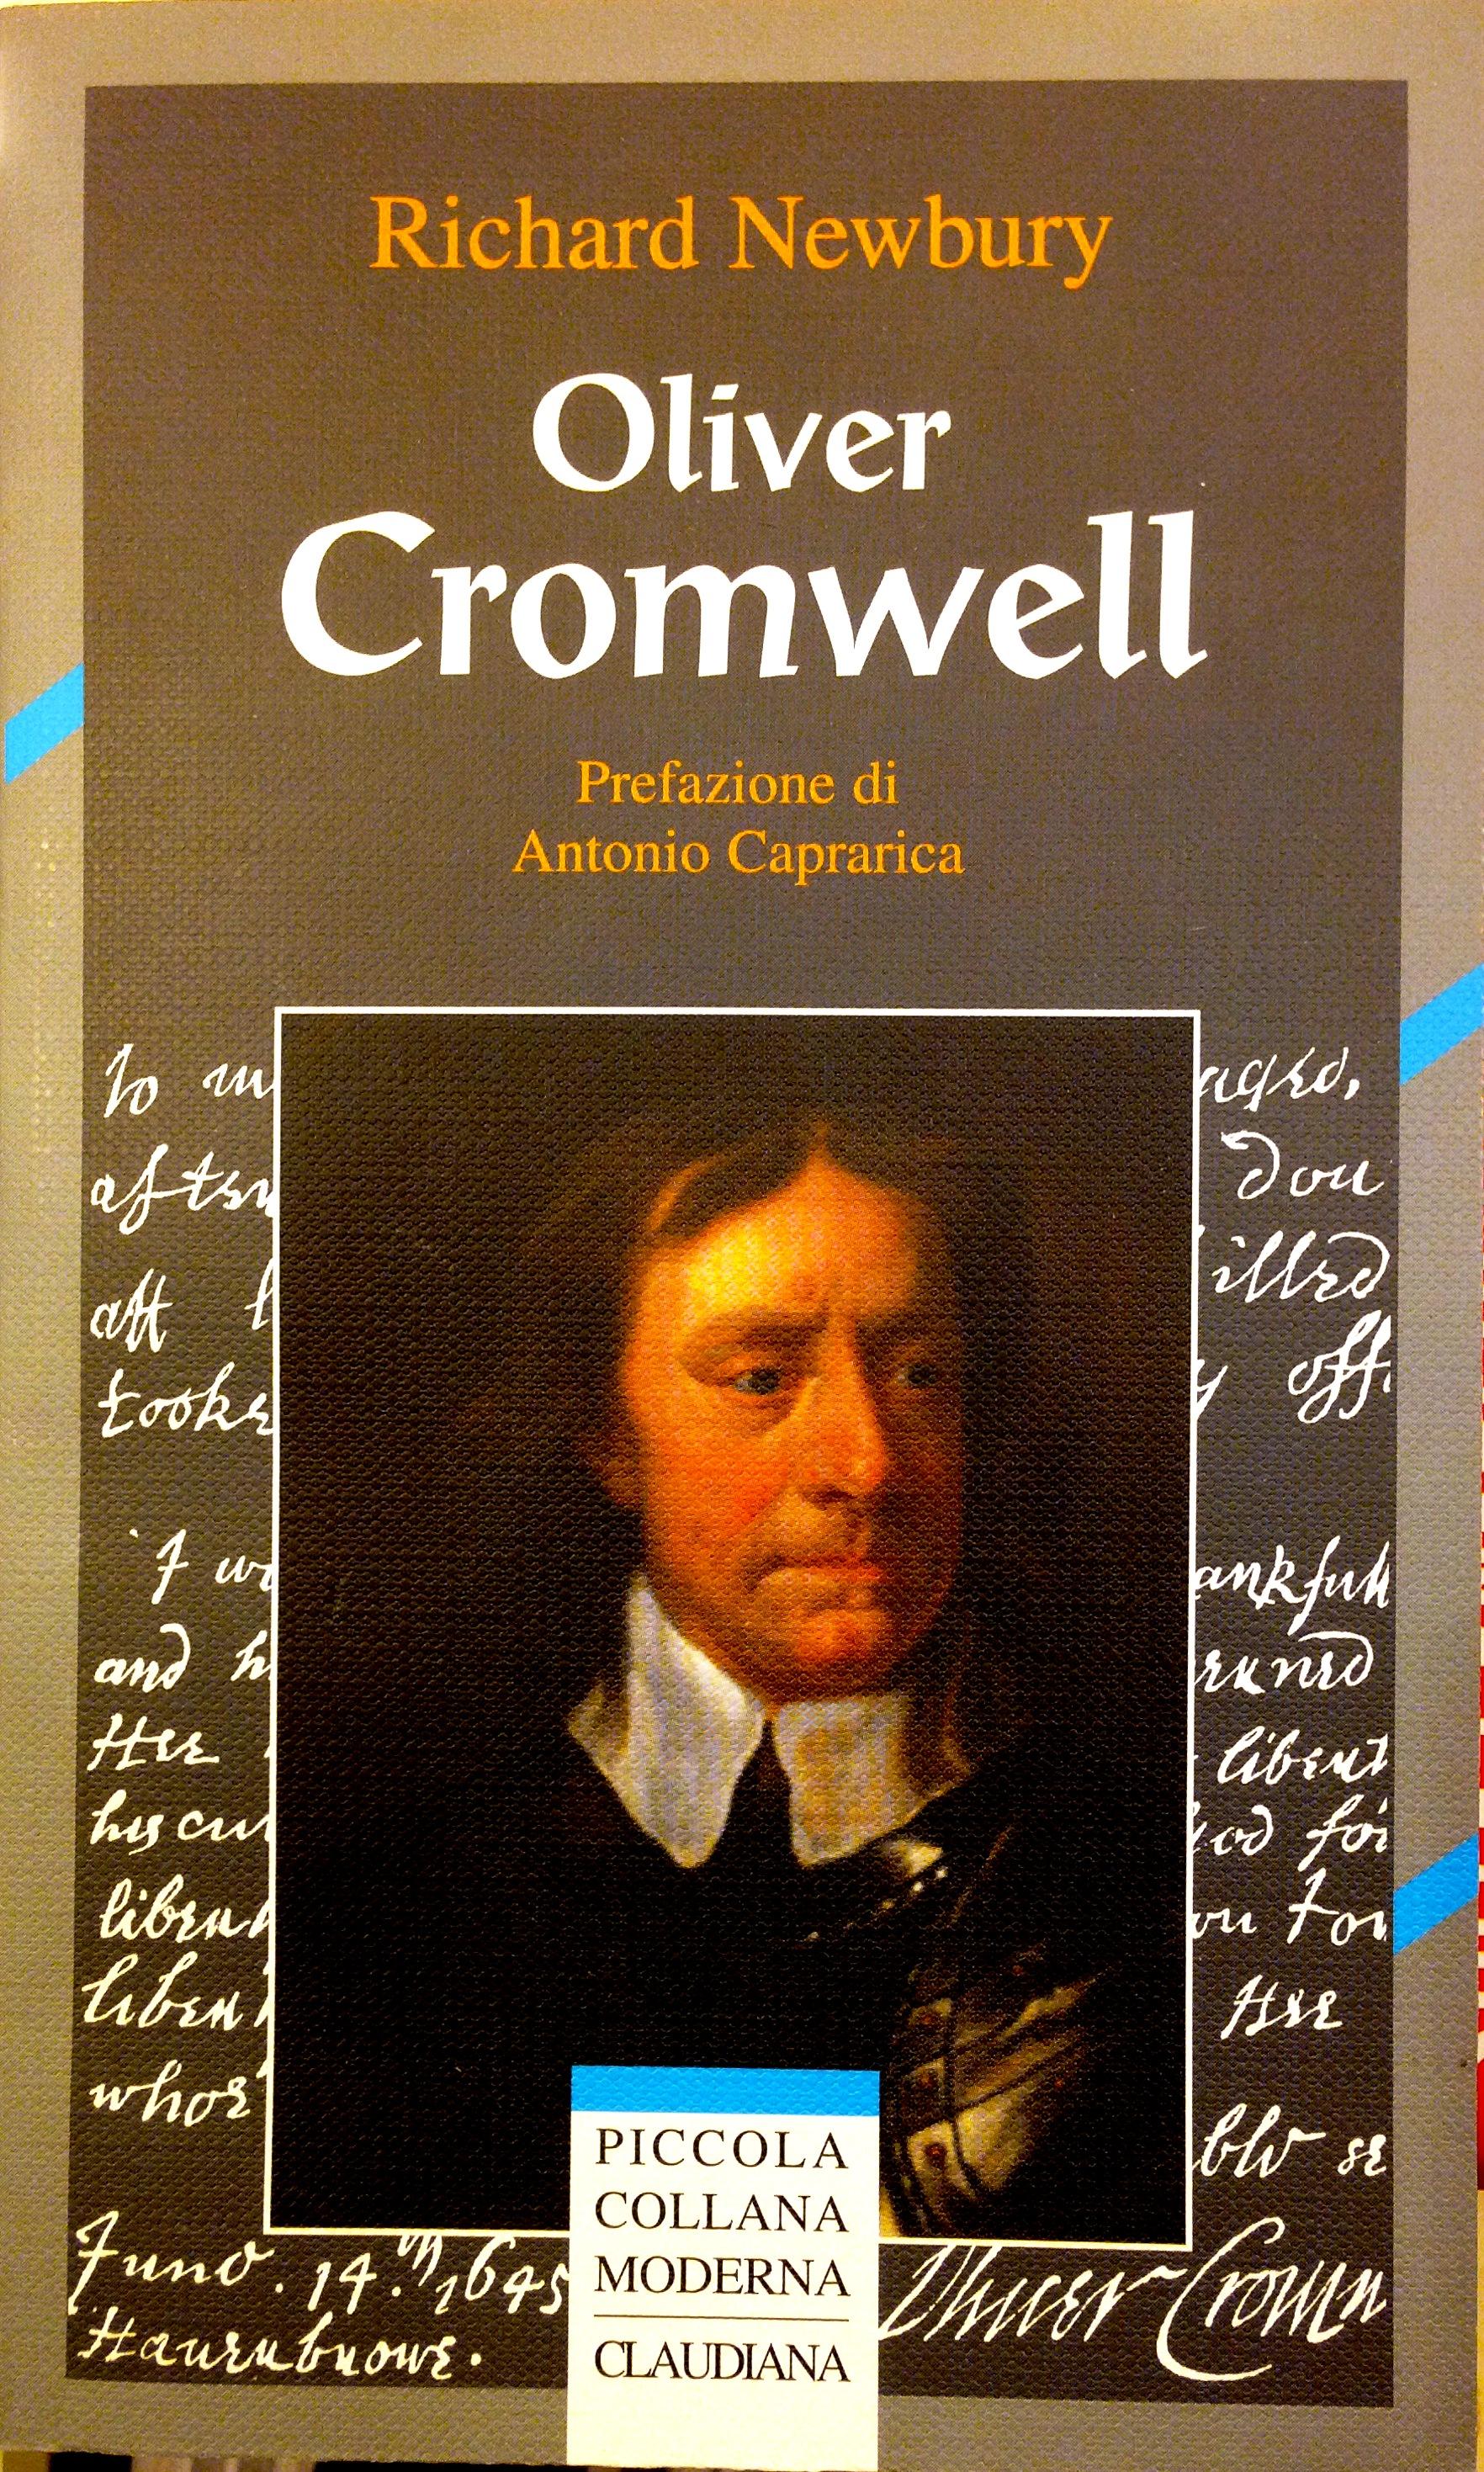 """""""Oliver Cromwell"""" di Richard Newbury (Claudiana, pagg. 240, € 17,50, prefazione di Antonio Caprarica)."""